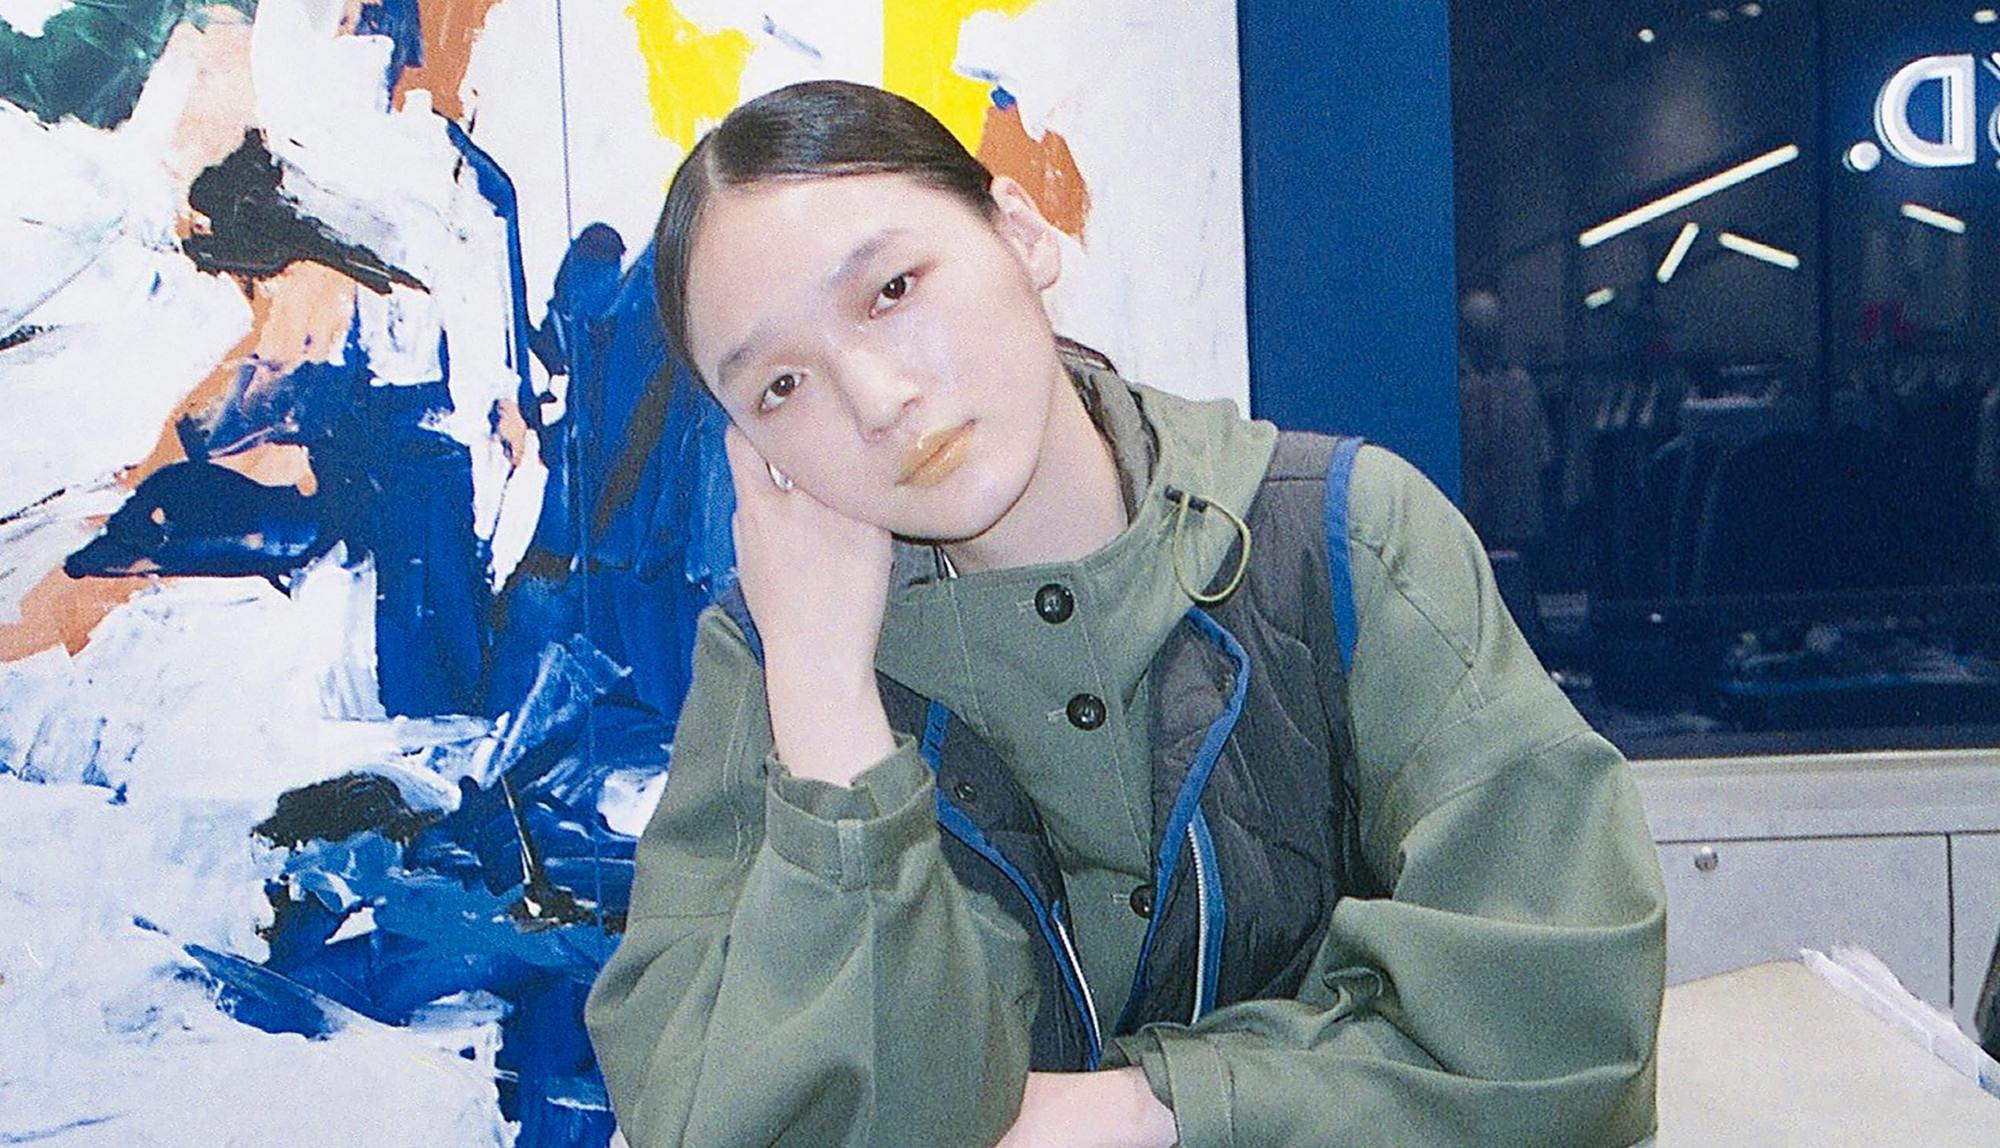 中島沙希×JOHN LAWRENCE SULLIVAN/UN3D. 渋谷PARCOで出会う、快進撃を続けるAWコレクション